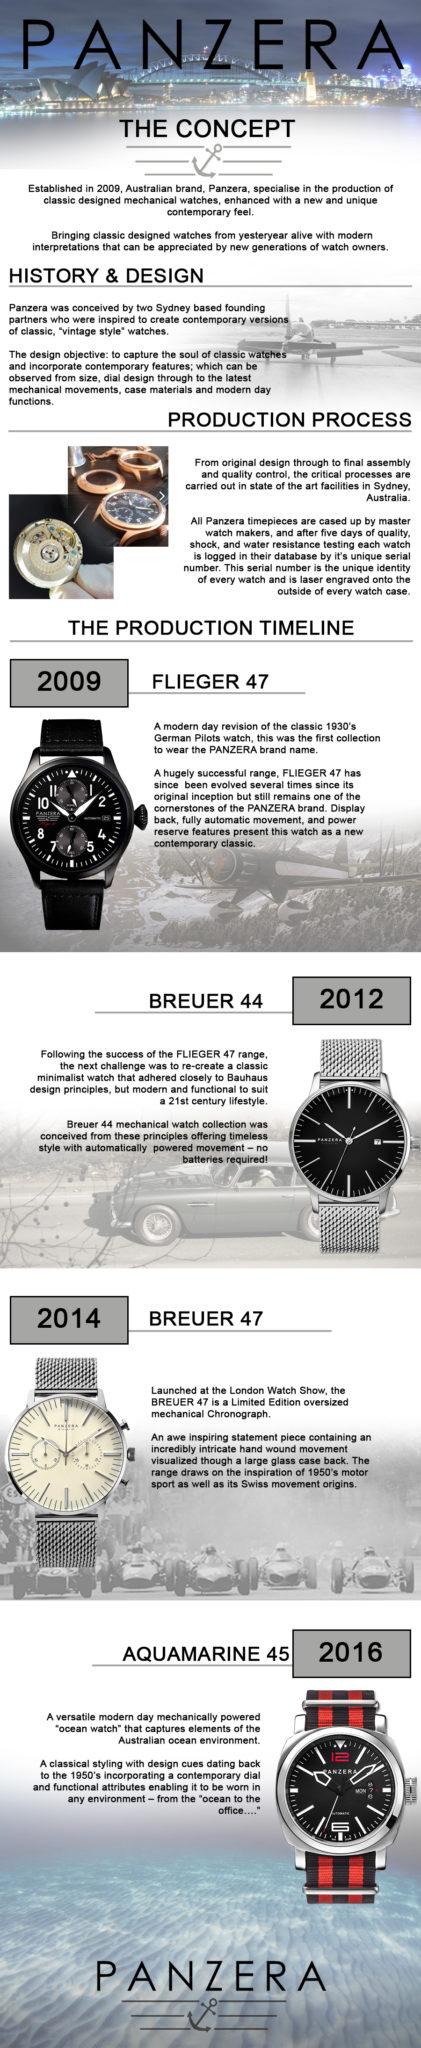 Panzera Info Graphic